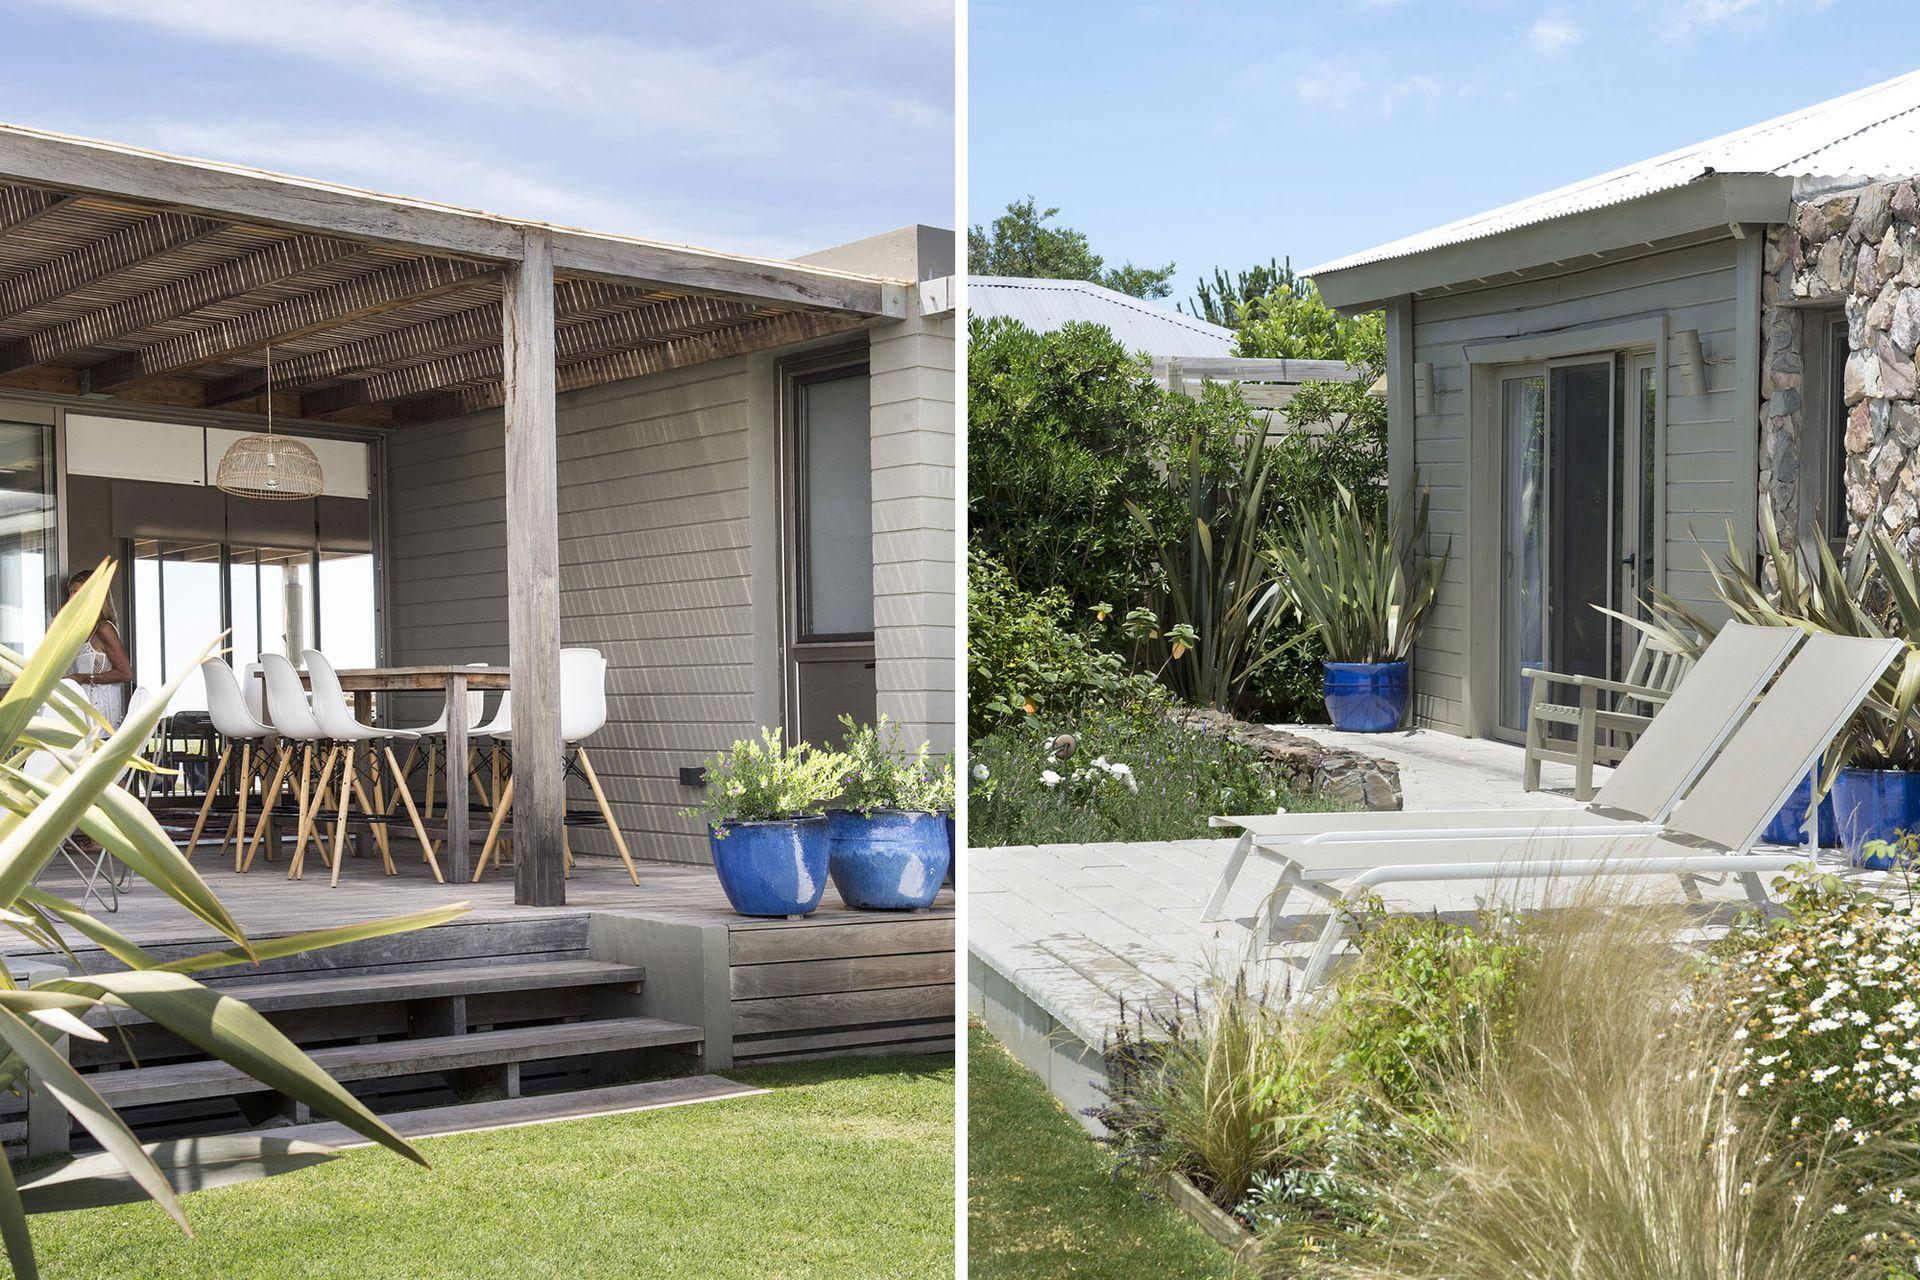 El color agrisado de la madera oxidada, presente en los distintos módulos construidos alrededor del jardín, aliviana la arquitectura.